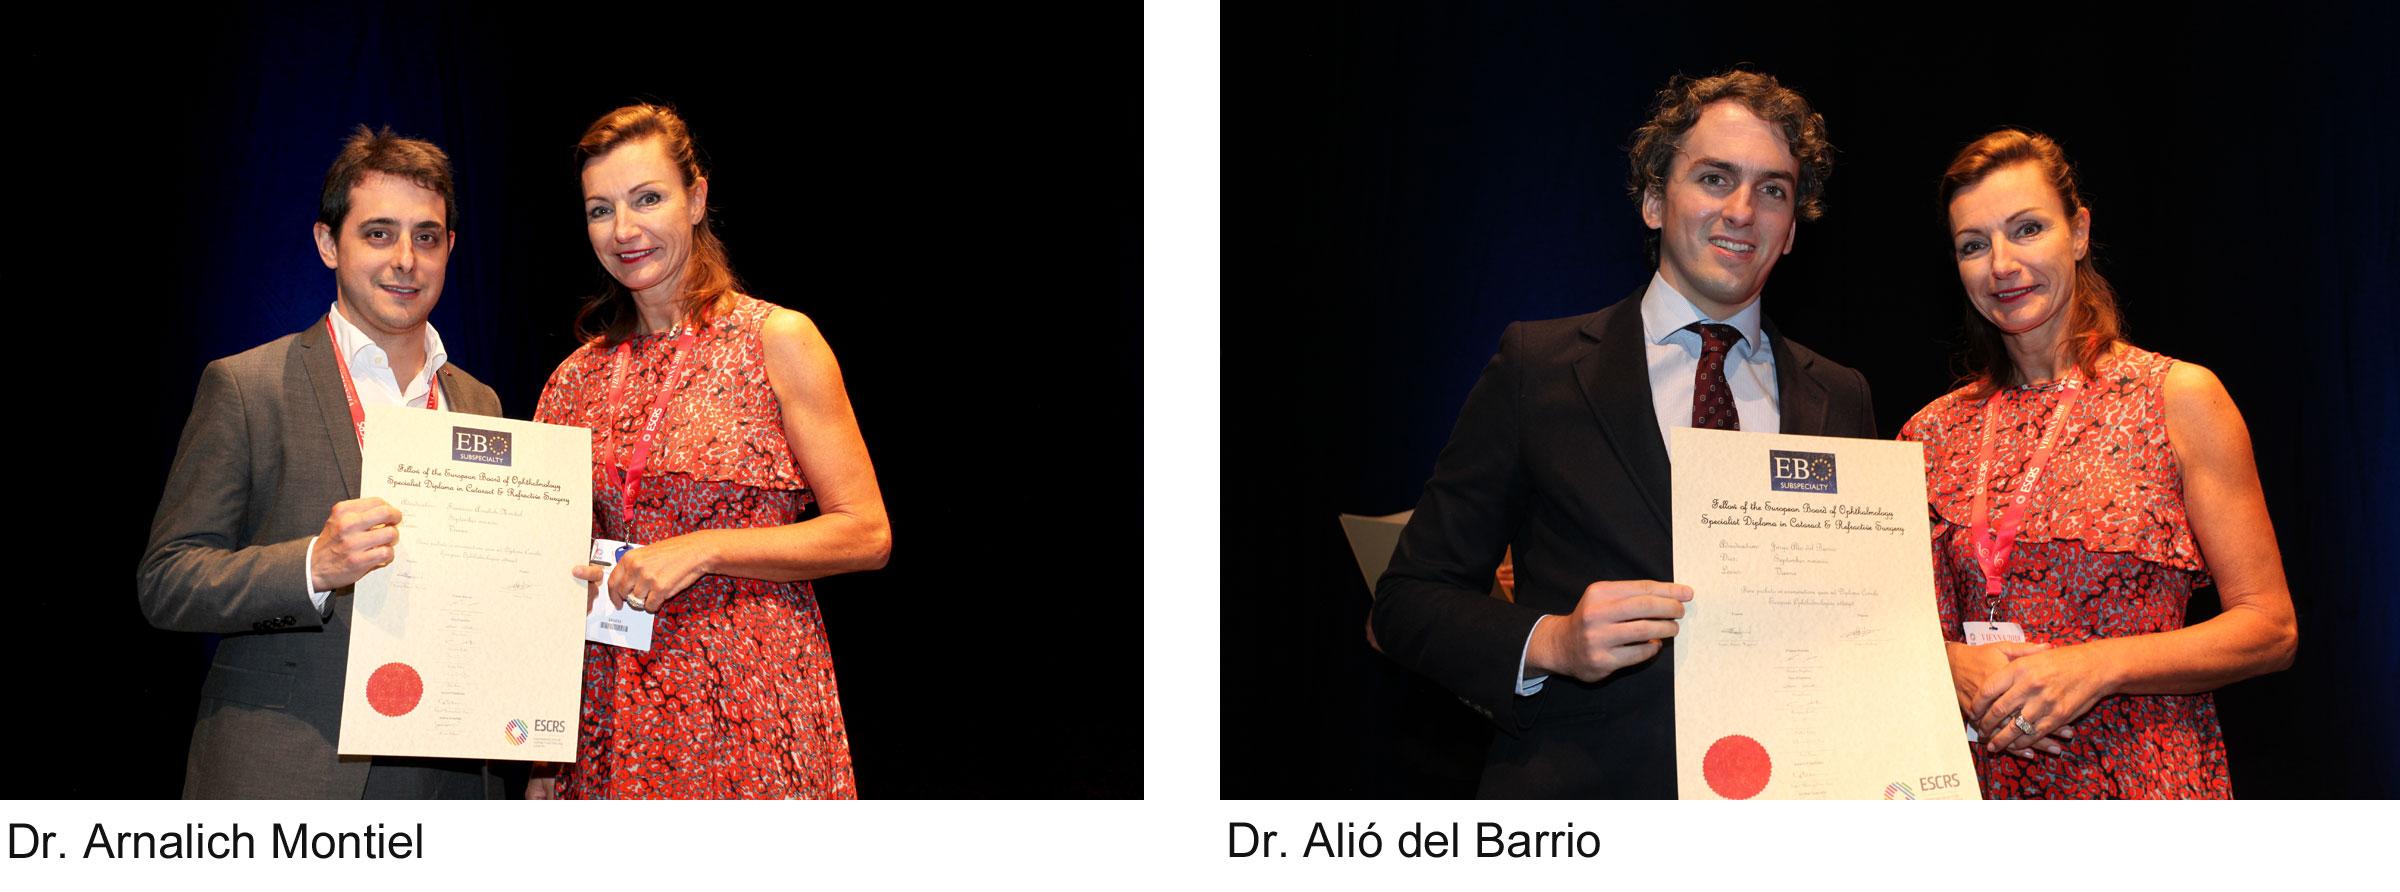 Dres. Arnalich y Alió Del Barrio